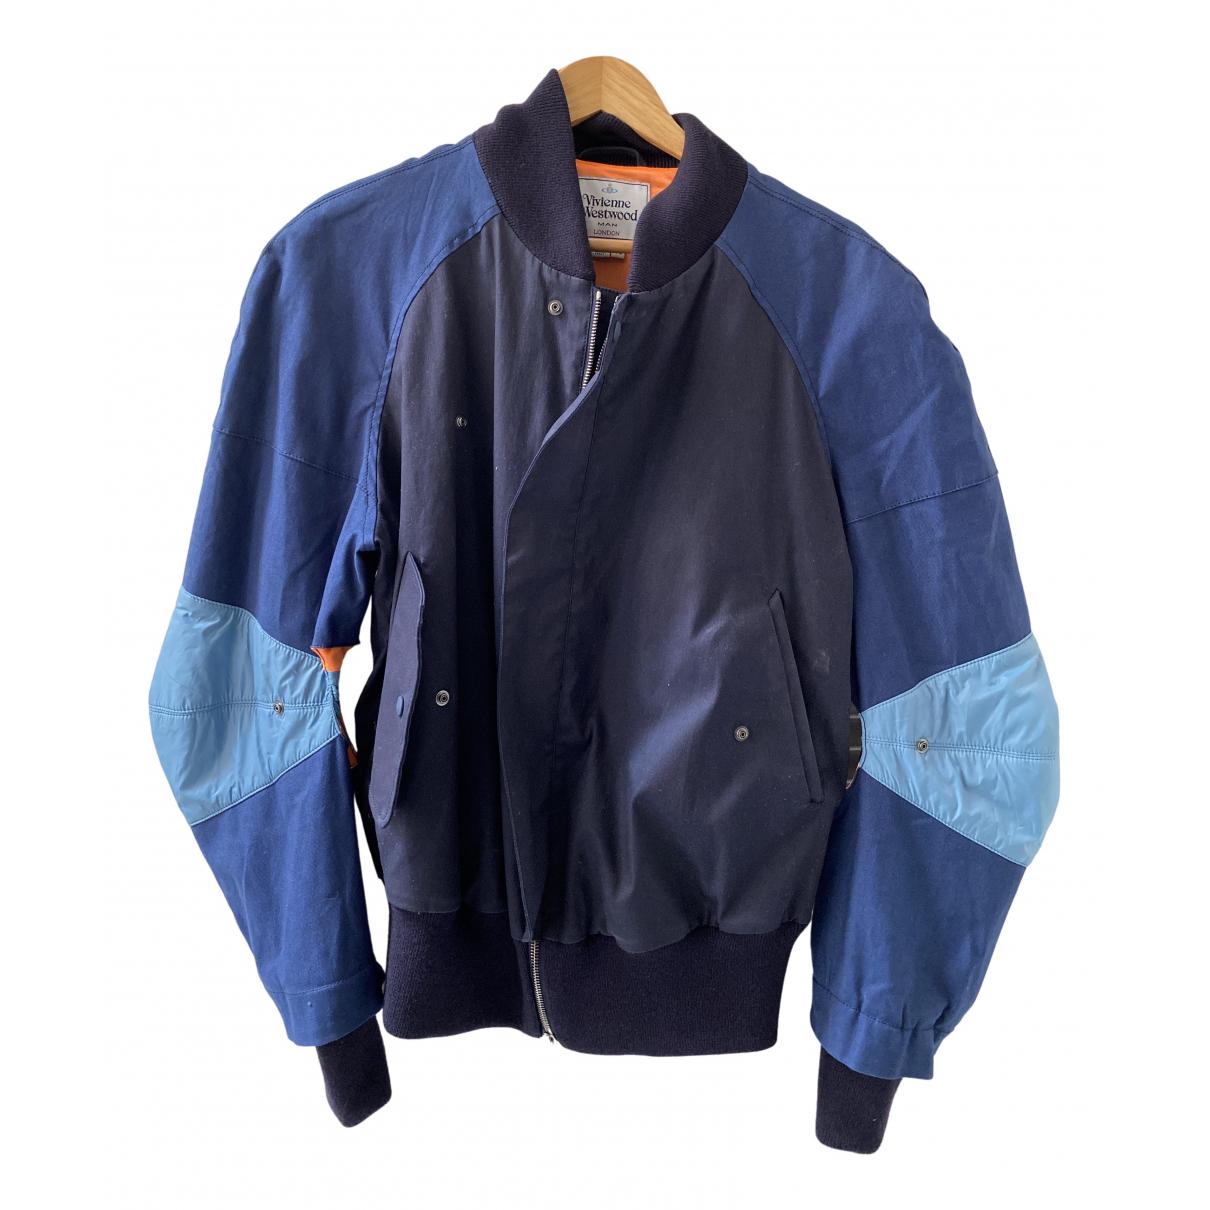 Vivienne Westwood \N Jacke in  Blau Polyester